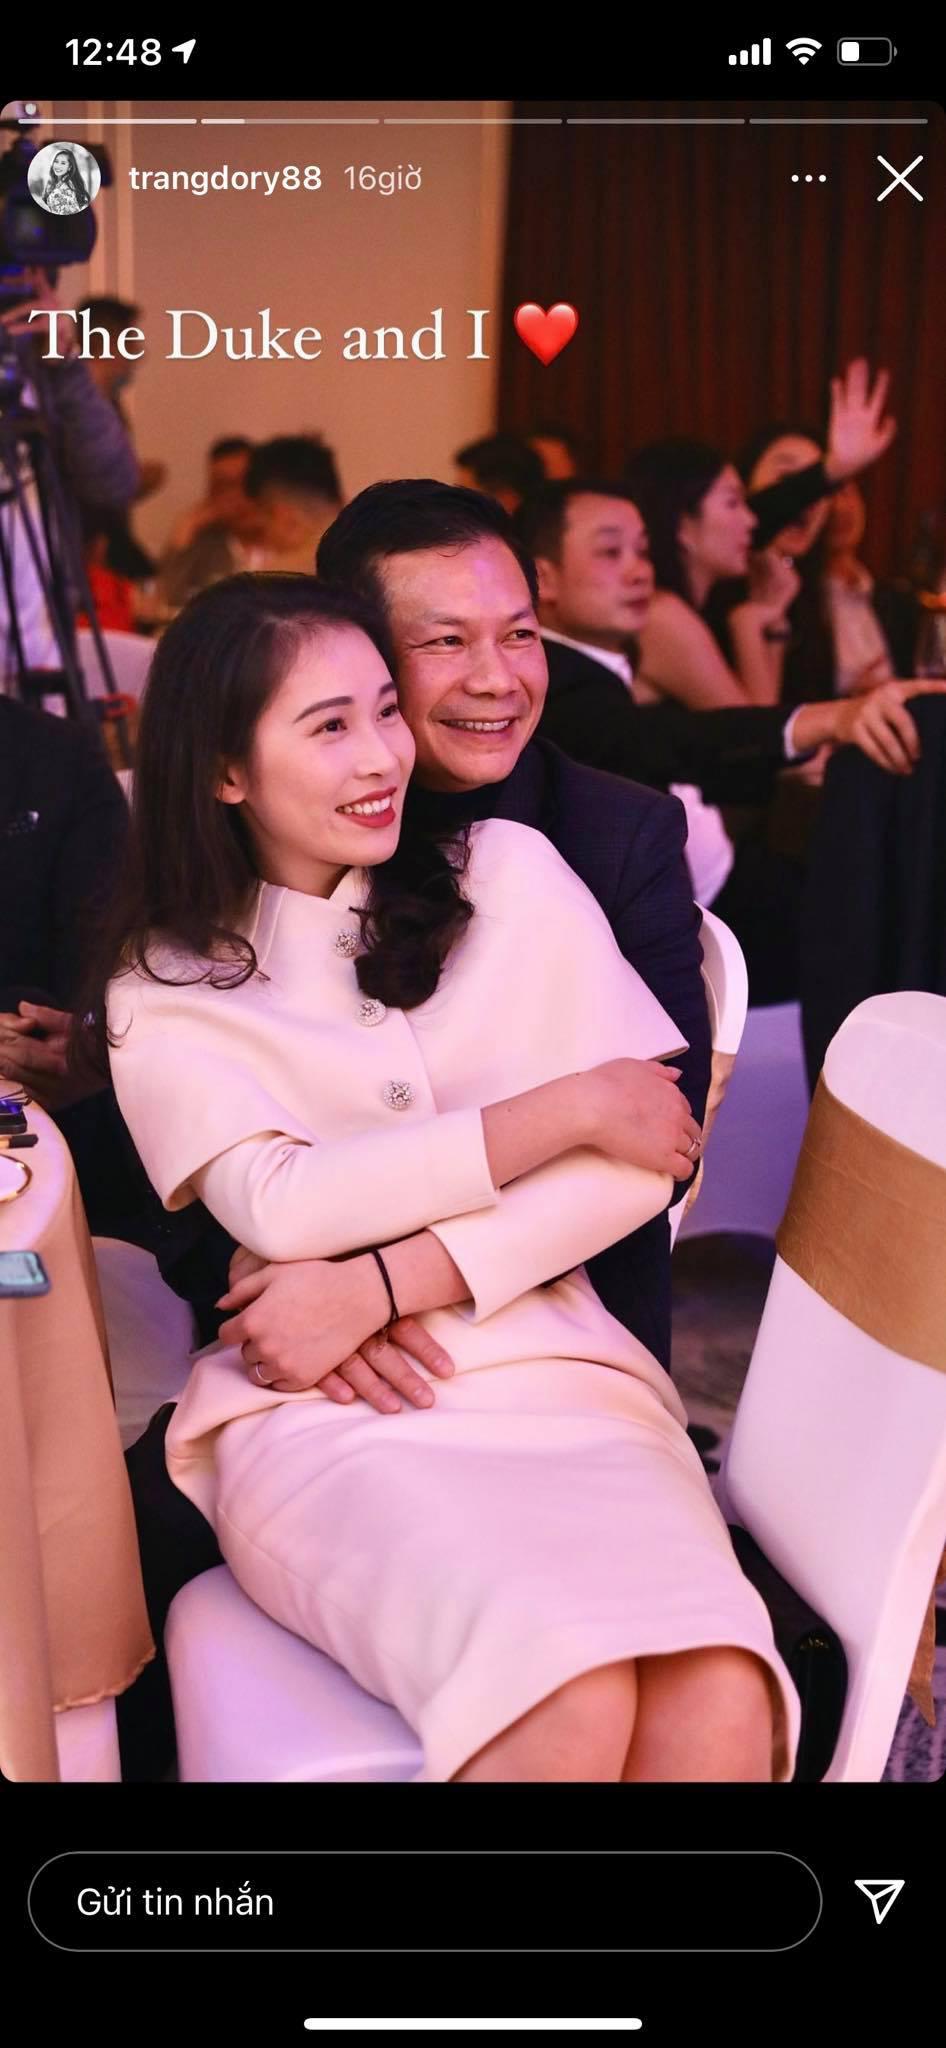 Không hổ danh đệ nhất lãng mạn, Shark Hưng khiến dân tình đỏ mặt trước khoảnh khắc tình tứ như thanh niên đôi mươi với vợ Á hậu-1